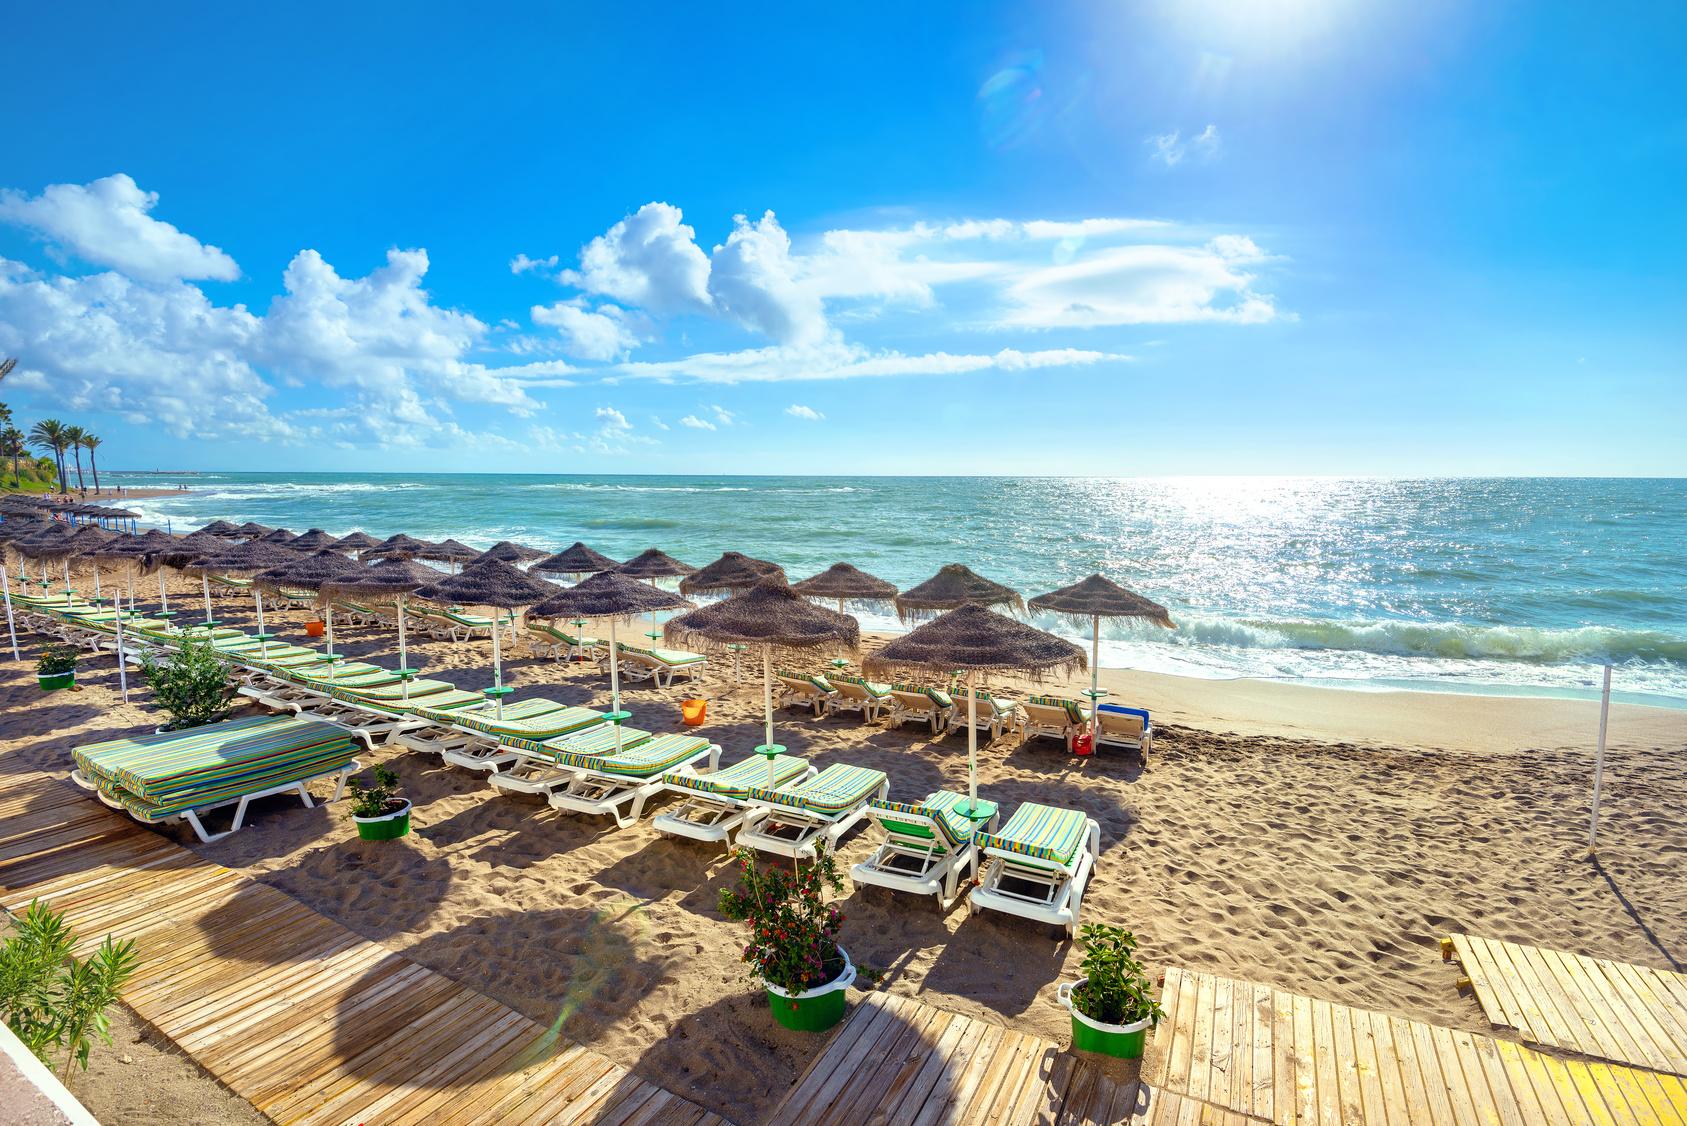 Gorące wakacje w Hiszpanii - sprawdź ofertę!